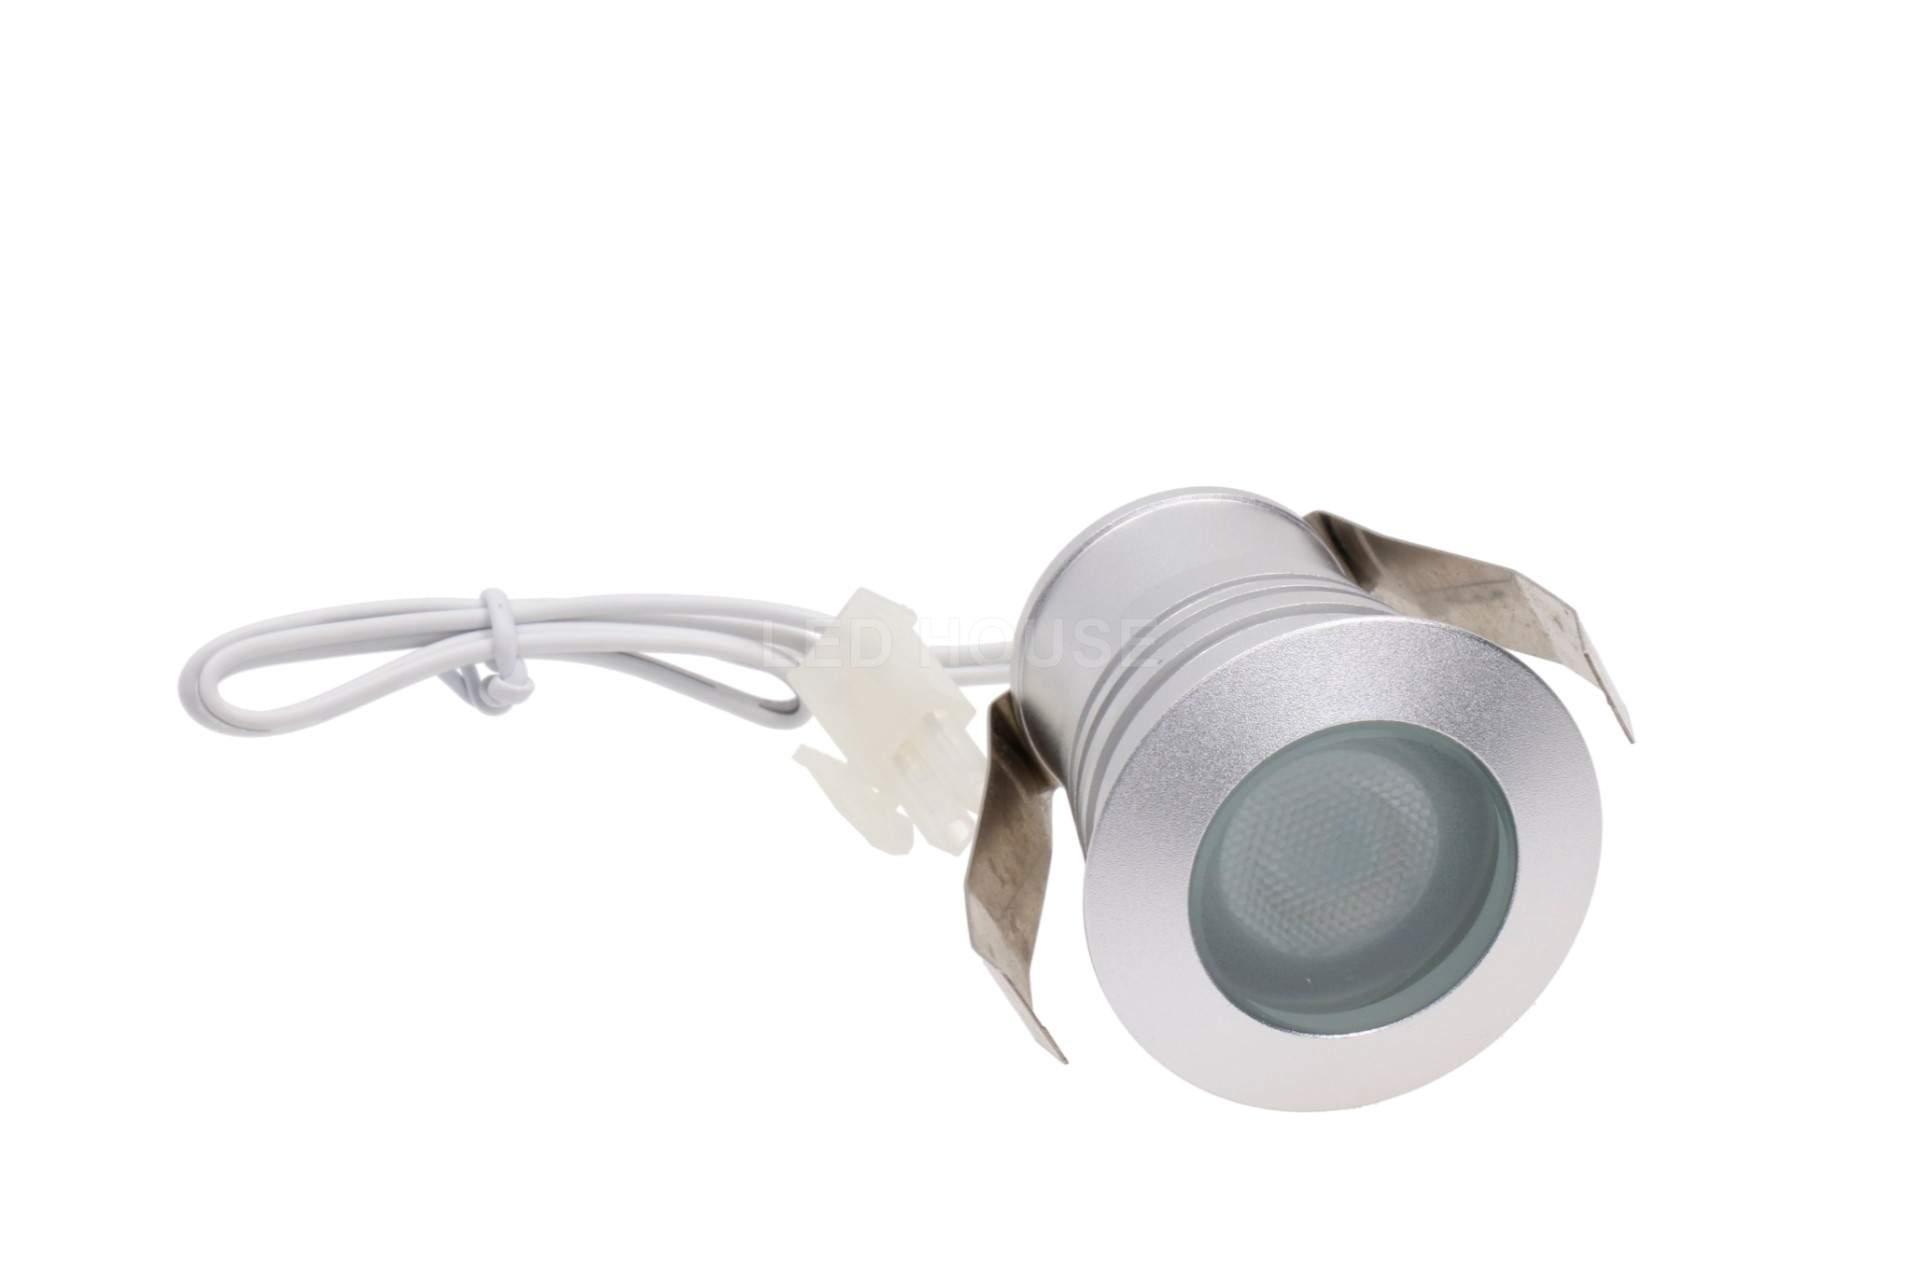 LED furniture light LED furniture light REVAL BULB MV-I silvery square 12V 3W 115lm CRI80  60° IP20 3000K warm white